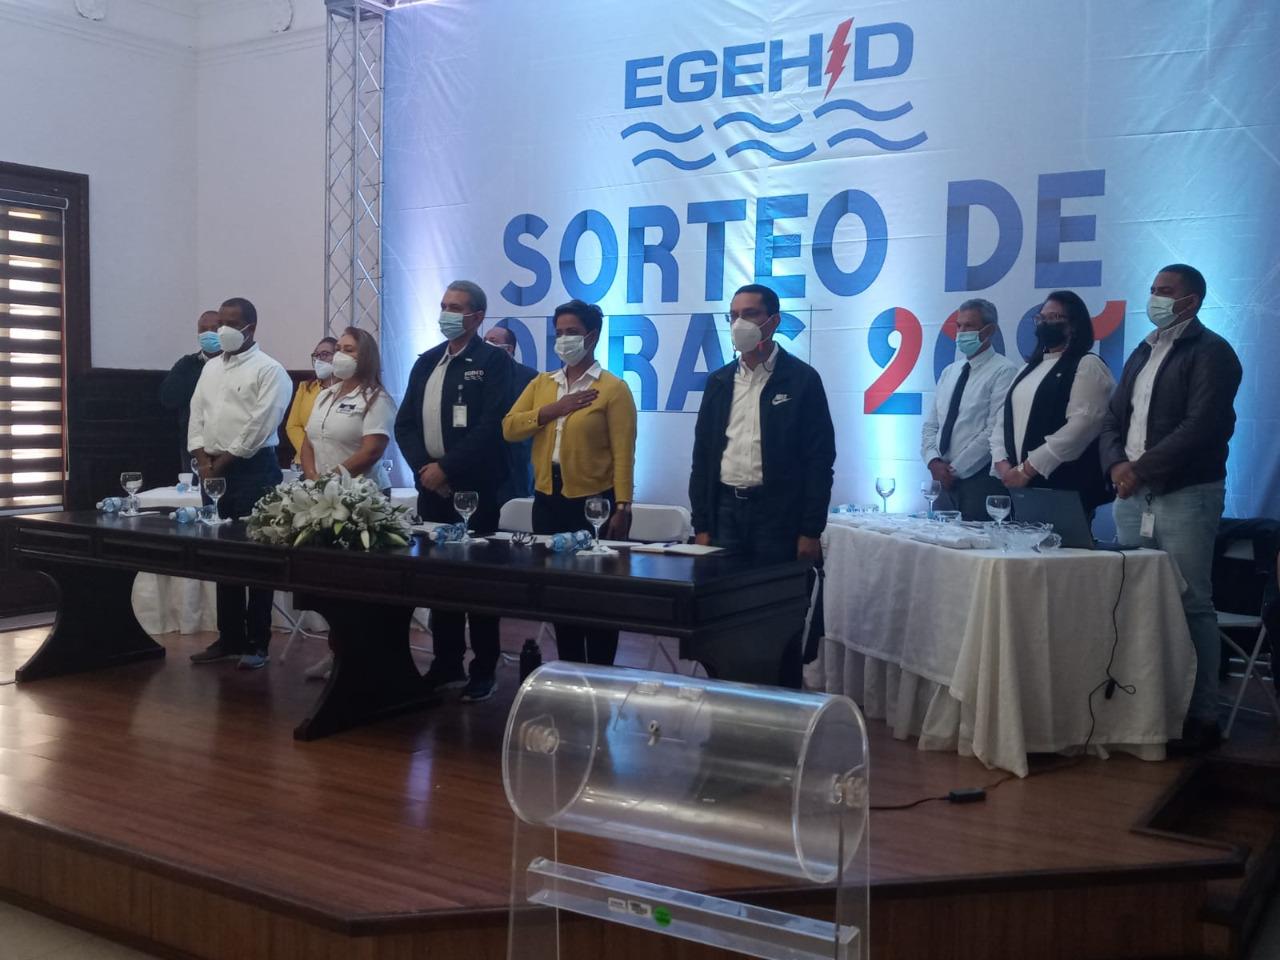 EGEHID sortea 20 obras en Santiago por un valor de RD$ 163.4 millones